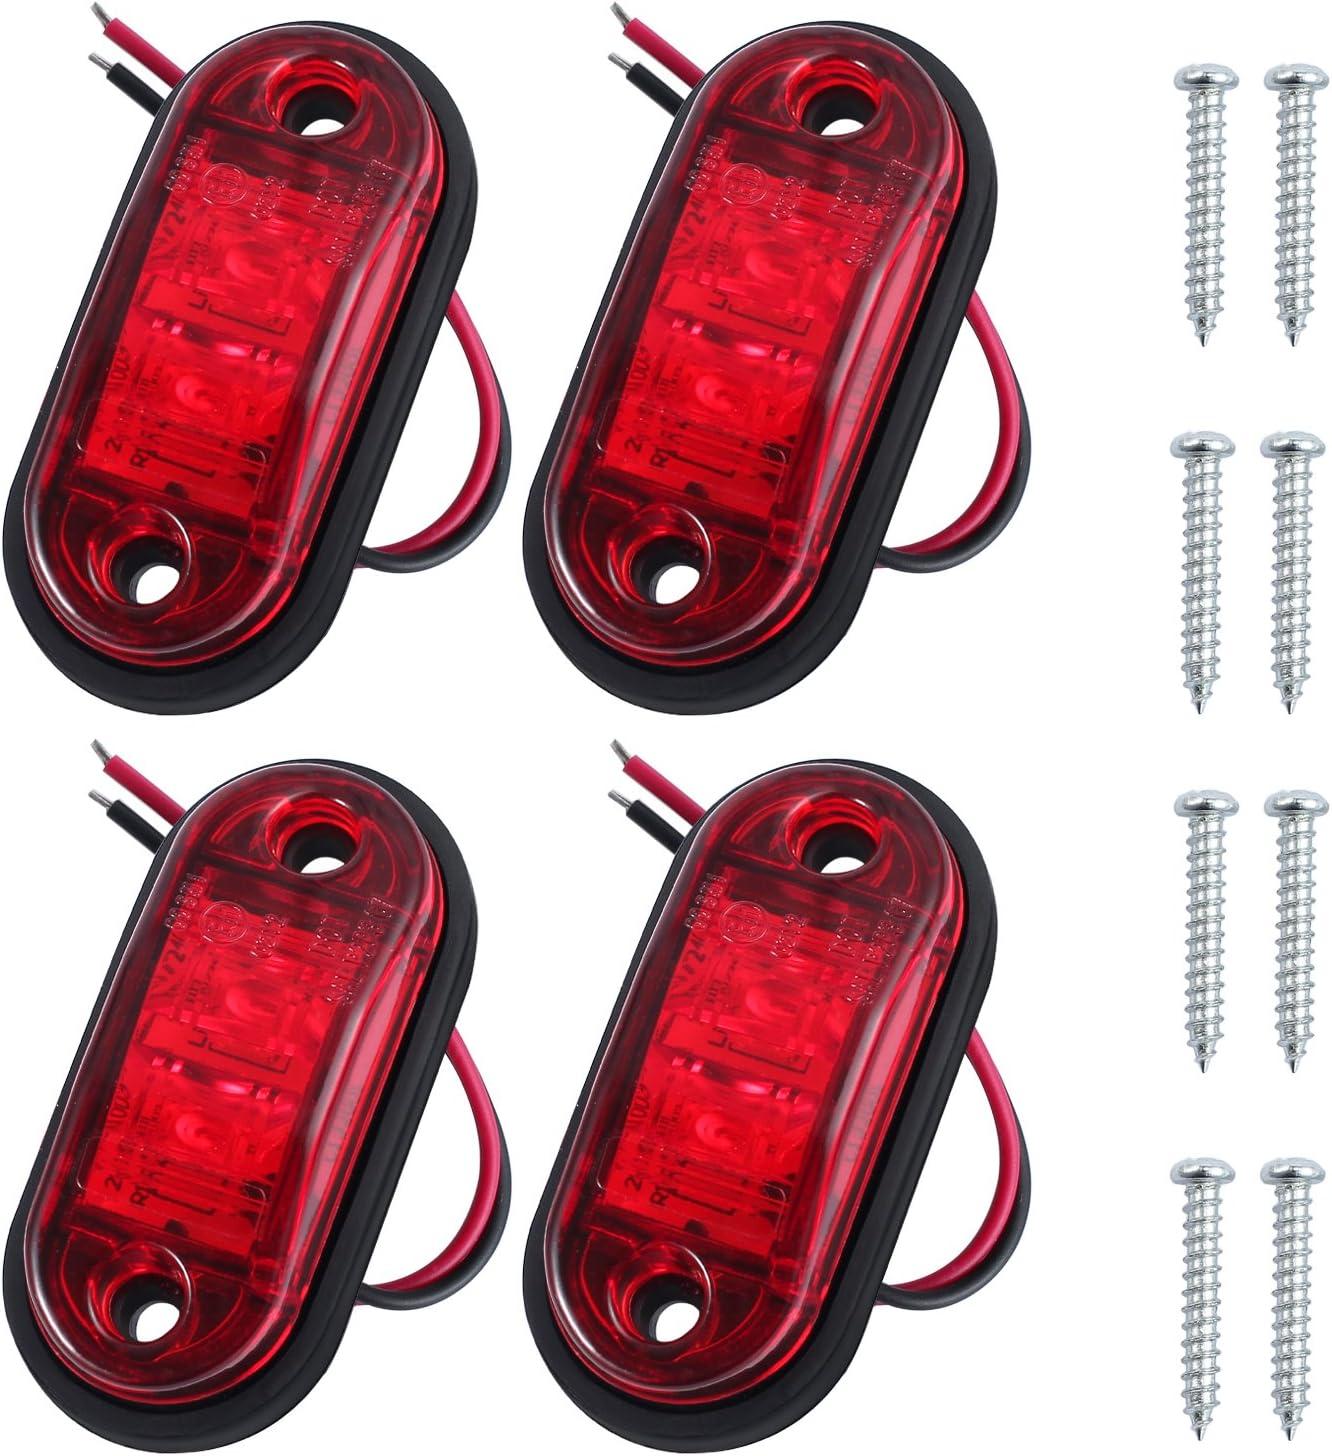 Luz de Posición Luz de Marcador Lateral 4 Piezas de LED Luz Lateral de Camión Lámpara Indicadora Lateral 12V 24V Impermeable Rojo para Camión Remolque Caravana